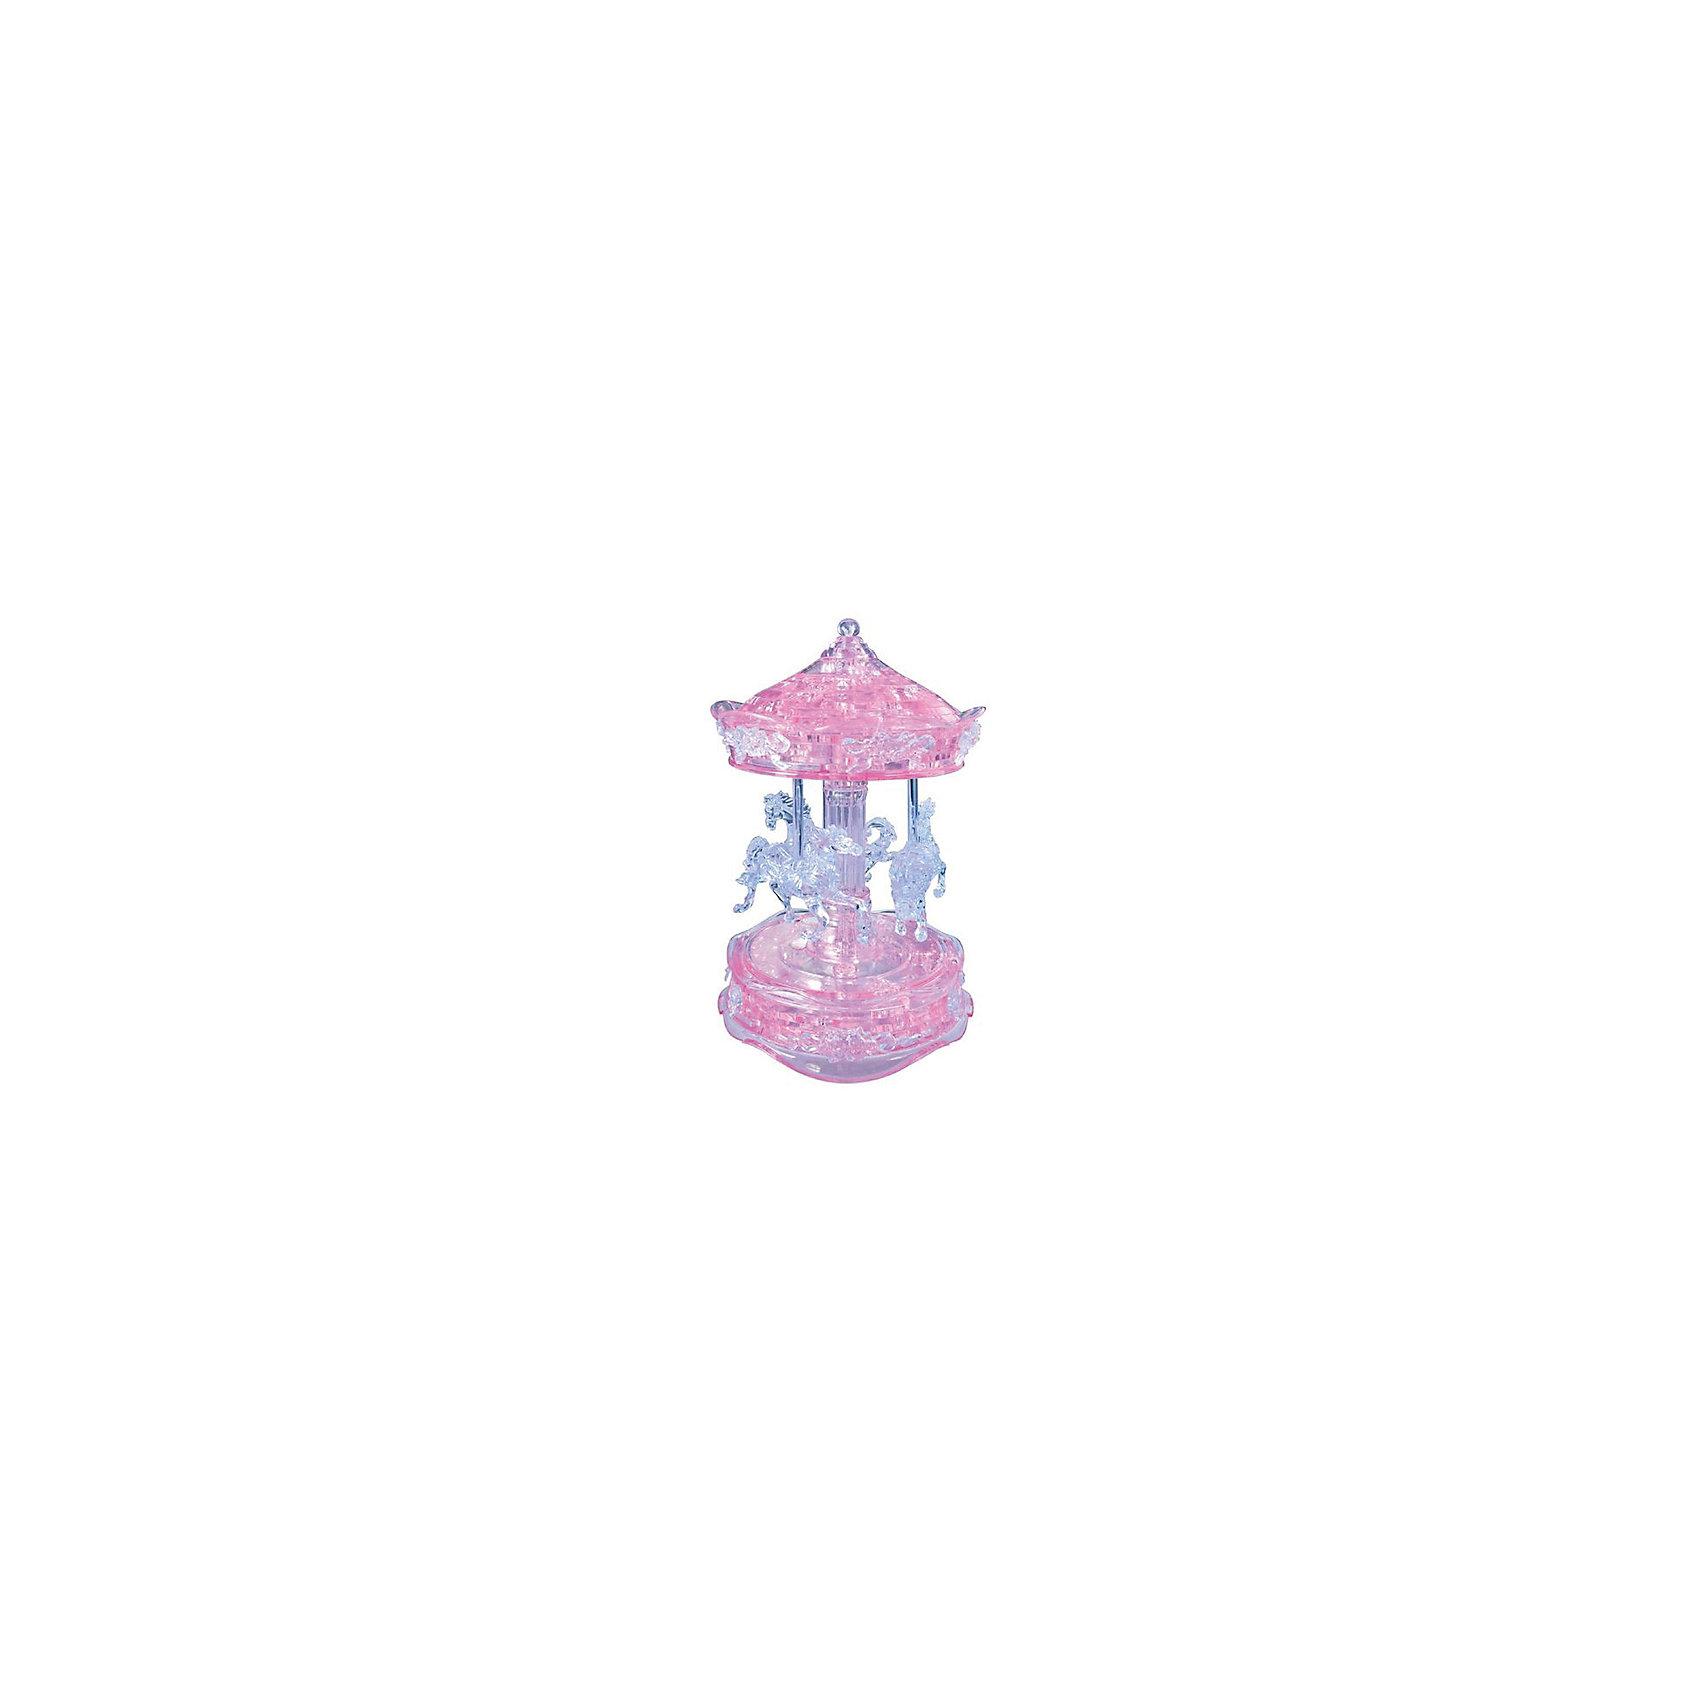 Кристаллический пазл 3D Розовая карусель, Crystal Puzzle3D пазлы<br>Кристаллический пазл 3D Розовая карусель, Crystal Puzzle (Кристал Пазл)<br><br>Характеристики:<br><br>• яркий объемный пазл<br>• размер готовой фигурки: 19 см<br>• количество деталей: 83<br>• высокая сложность<br>• размер упаковки: 6х19х8 см<br>• вес: 468 грамм<br>• материал: пластик<br><br>Кристаллический пазл Розовая карусель выглядит по-настоящему волшебным. И пусть высокая сложность сборки вас не пугает, ведь результат будет удивительным! В комплект входят 83 сверкающие детали из пластика. Все детали пронумерованы, а инструкция поможет вам подробно разобраться в процессе сборки и не допустить ошибки. Готовая карусель в стиле 19 века - прекрасный сувенир, который украсит любую комнату.<br>Процесс собирания пазлов развивает логику, внимательность, пространственное мышление и усидчивость.<br><br>Кристаллический пазл 3D Розовая карусель, Crystal Puzzle (Кристал Пазл) вы можете купить в нашем интернет-магазине.<br><br>Ширина мм: 180<br>Глубина мм: 190<br>Высота мм: 60<br>Вес г: 468<br>Возраст от месяцев: 120<br>Возраст до месяцев: 2147483647<br>Пол: Женский<br>Возраст: Детский<br>SKU: 5397233